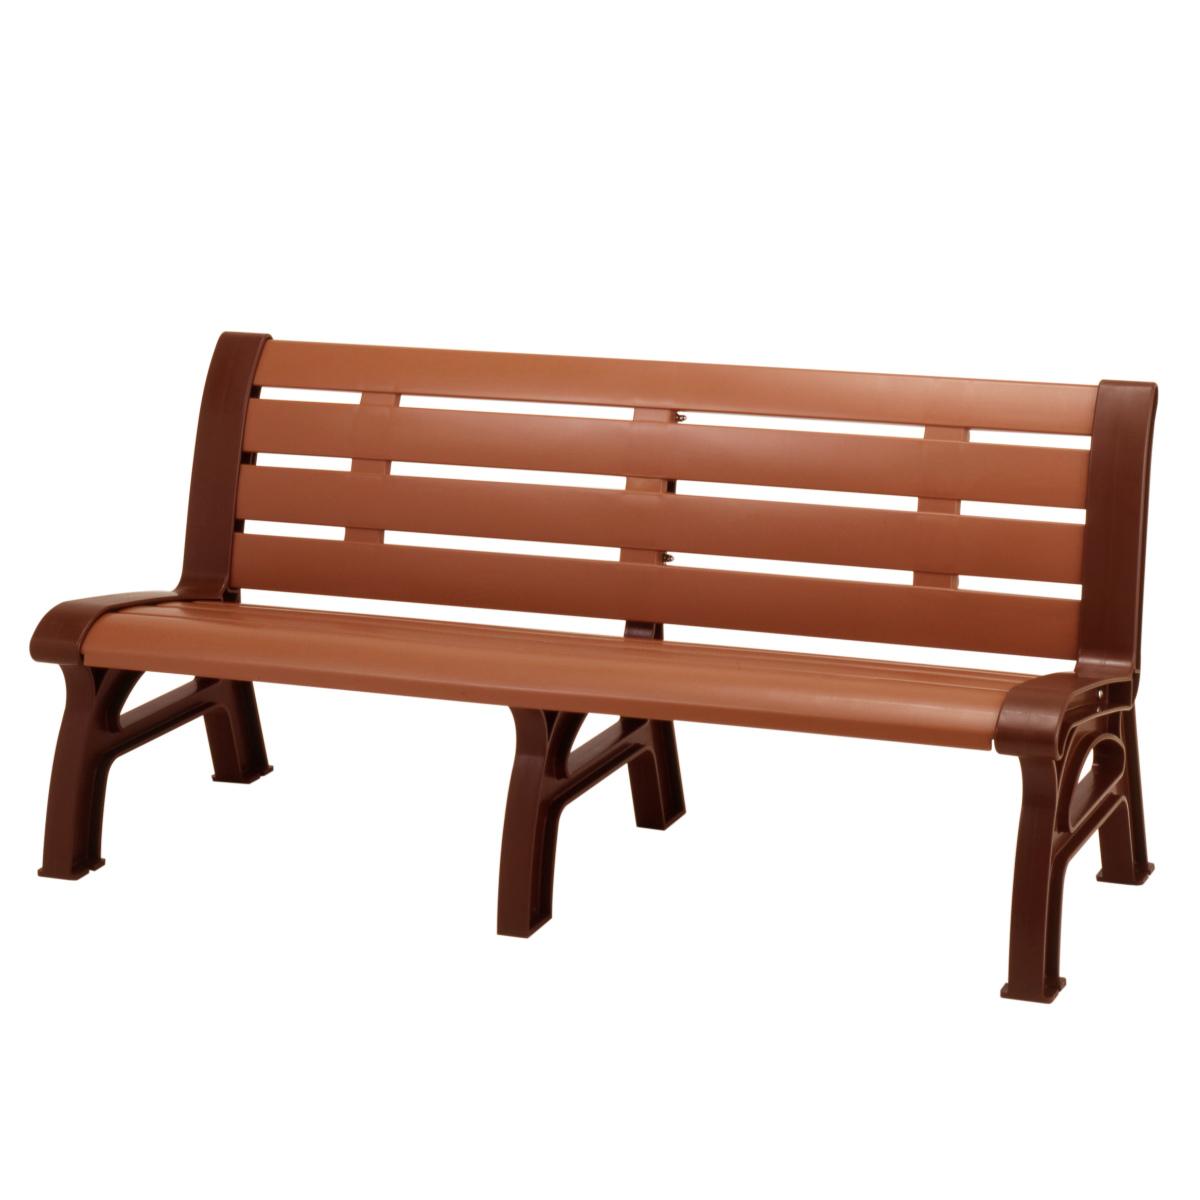 木調エコベンチ 再生樹脂製 160cm ブラウン 2~3人掛け ( 送料無料 長椅子 屋内 屋外 公共施設、ホテル、レジャー施設、冠婚葬祭施設、複合施設 )